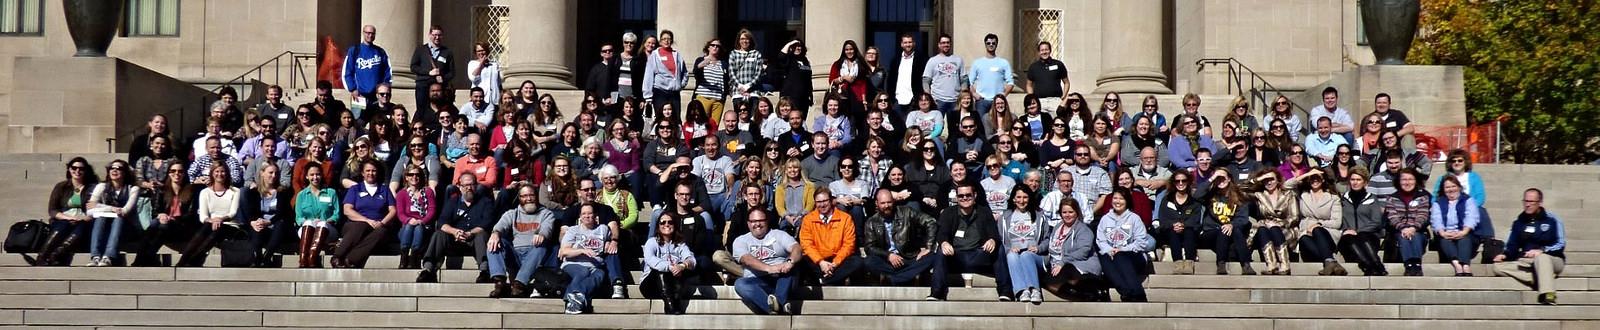 EdcampKC group photo!